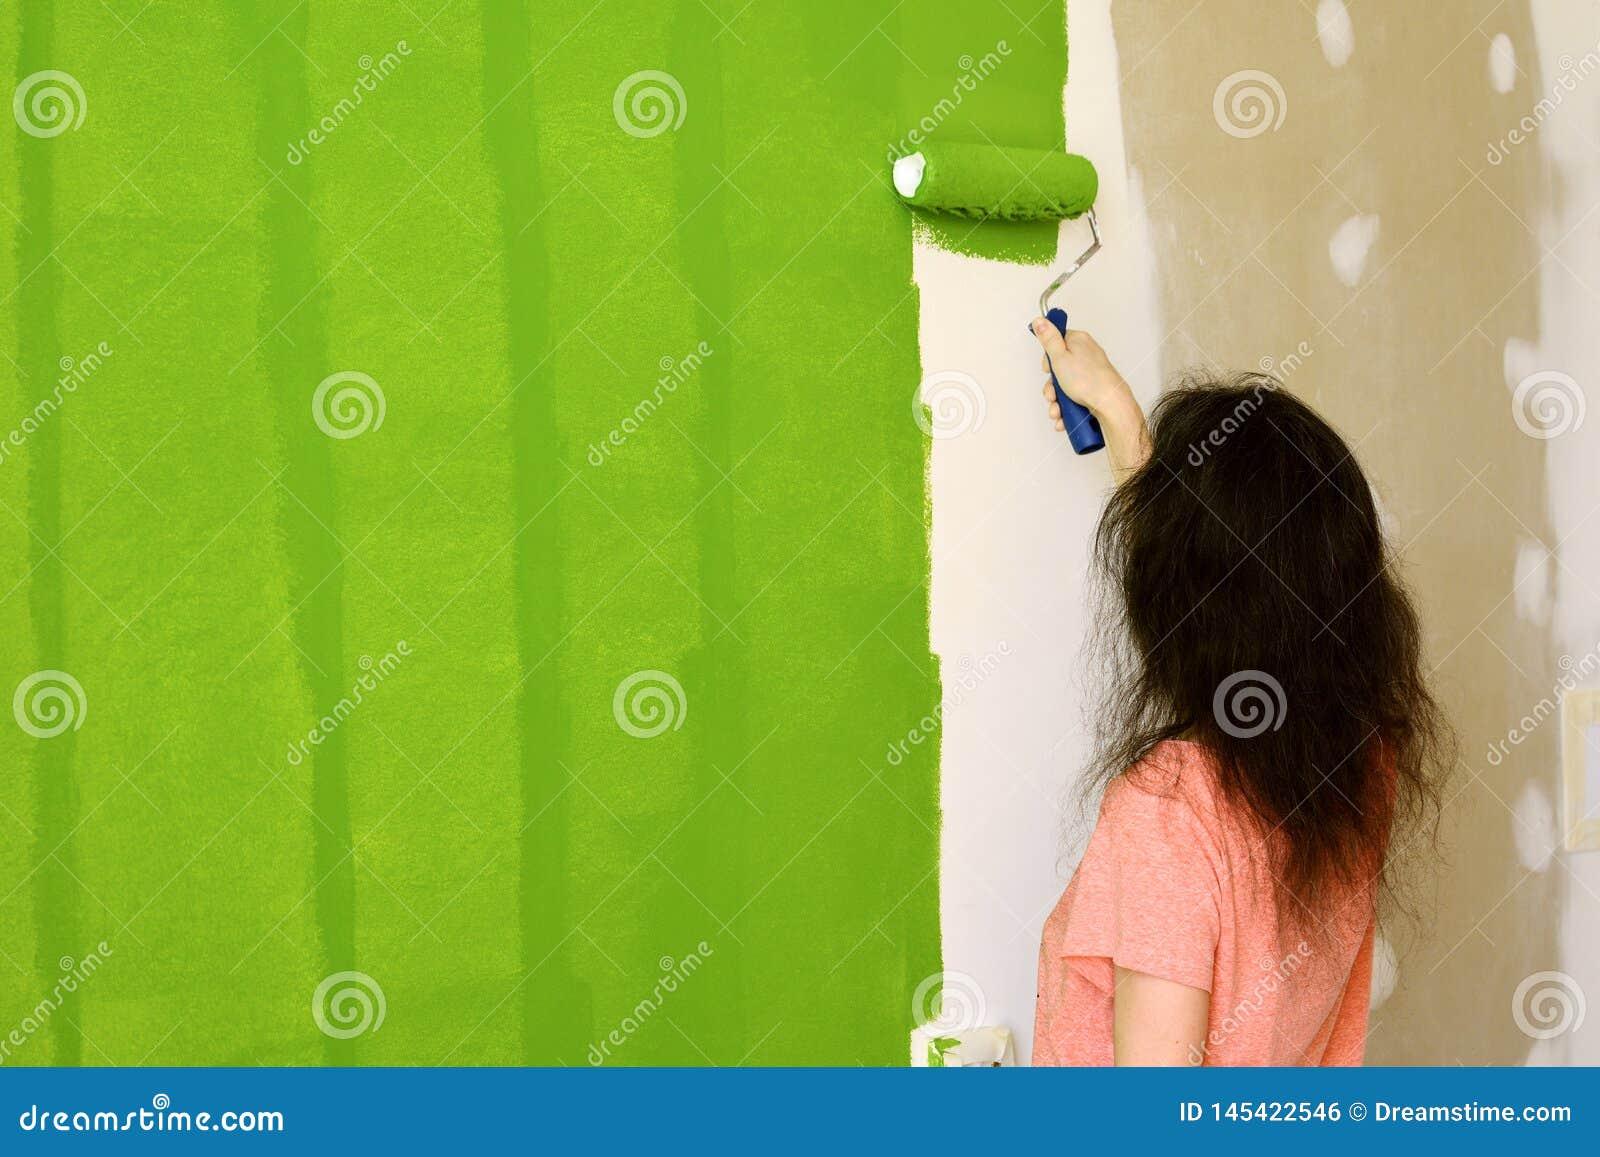 Милая молодая женщина в розовой футболке восторженно красит зеленую в